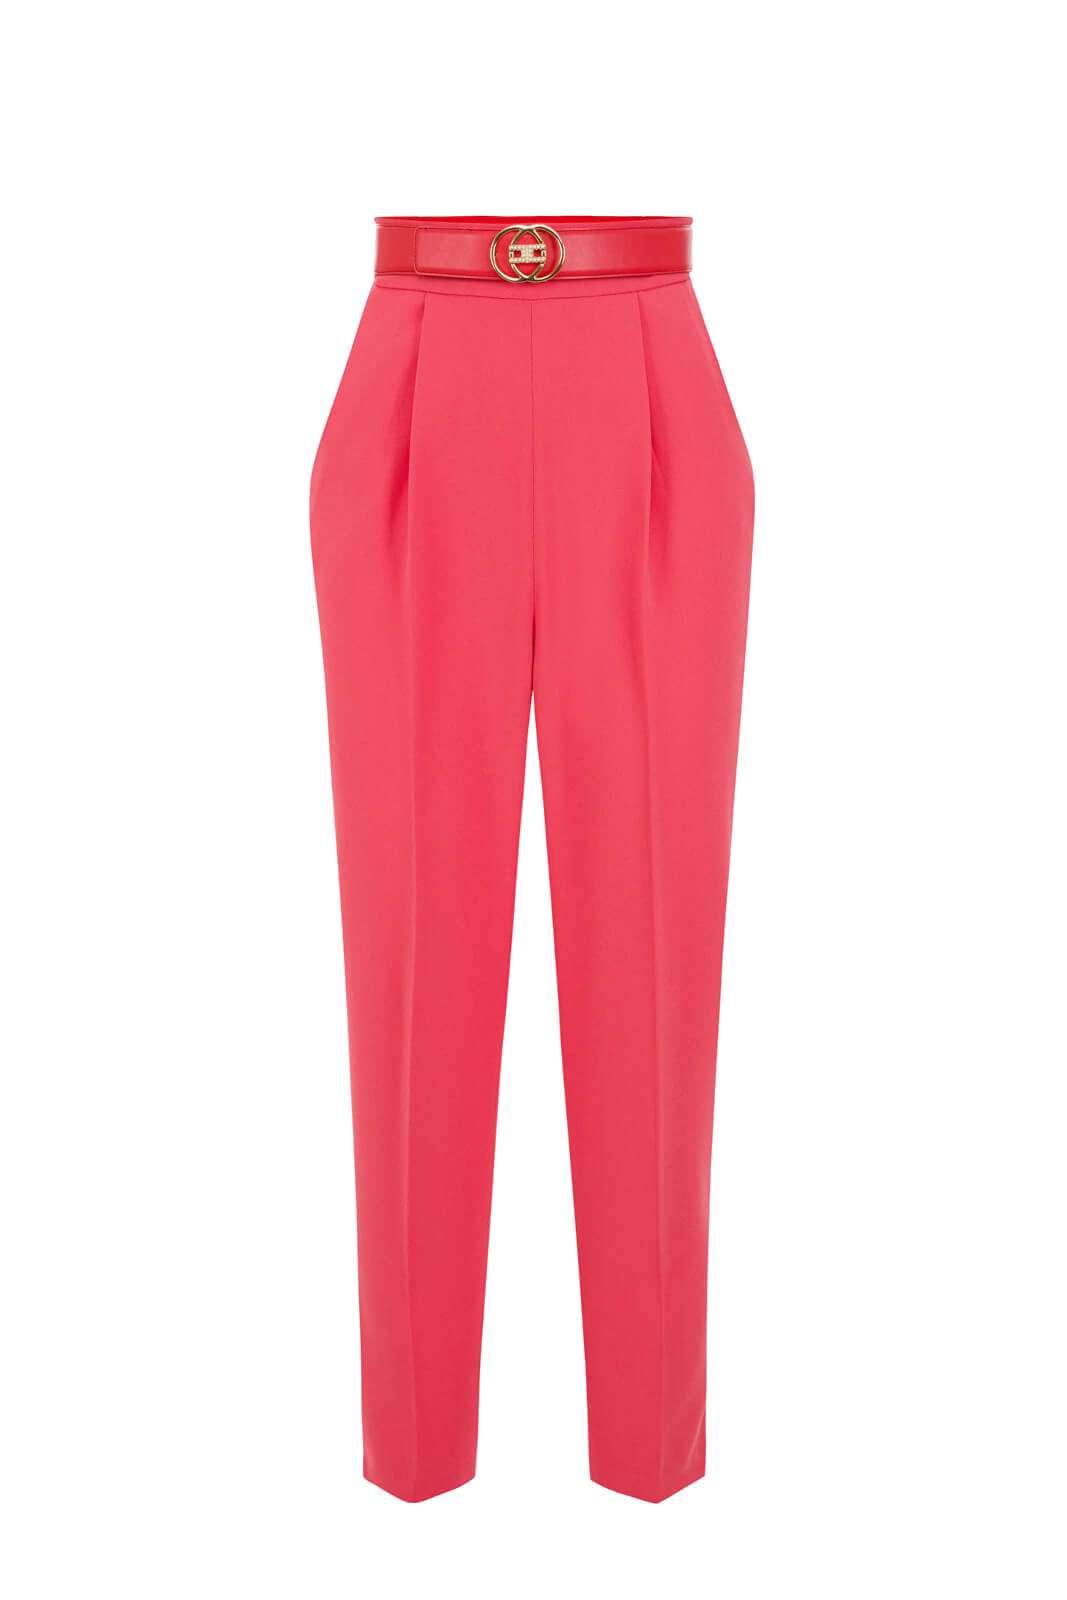 Elegante e dalla femminilità indiscussa il pantalone proposto per la collezione donna Elisabetta Franchi. Da abbinare con un body o con una camicia slim, è ideale per look sofisticati e ricercati. Con un tacco alto impreziosisce la vestibilità per un effetto unico.